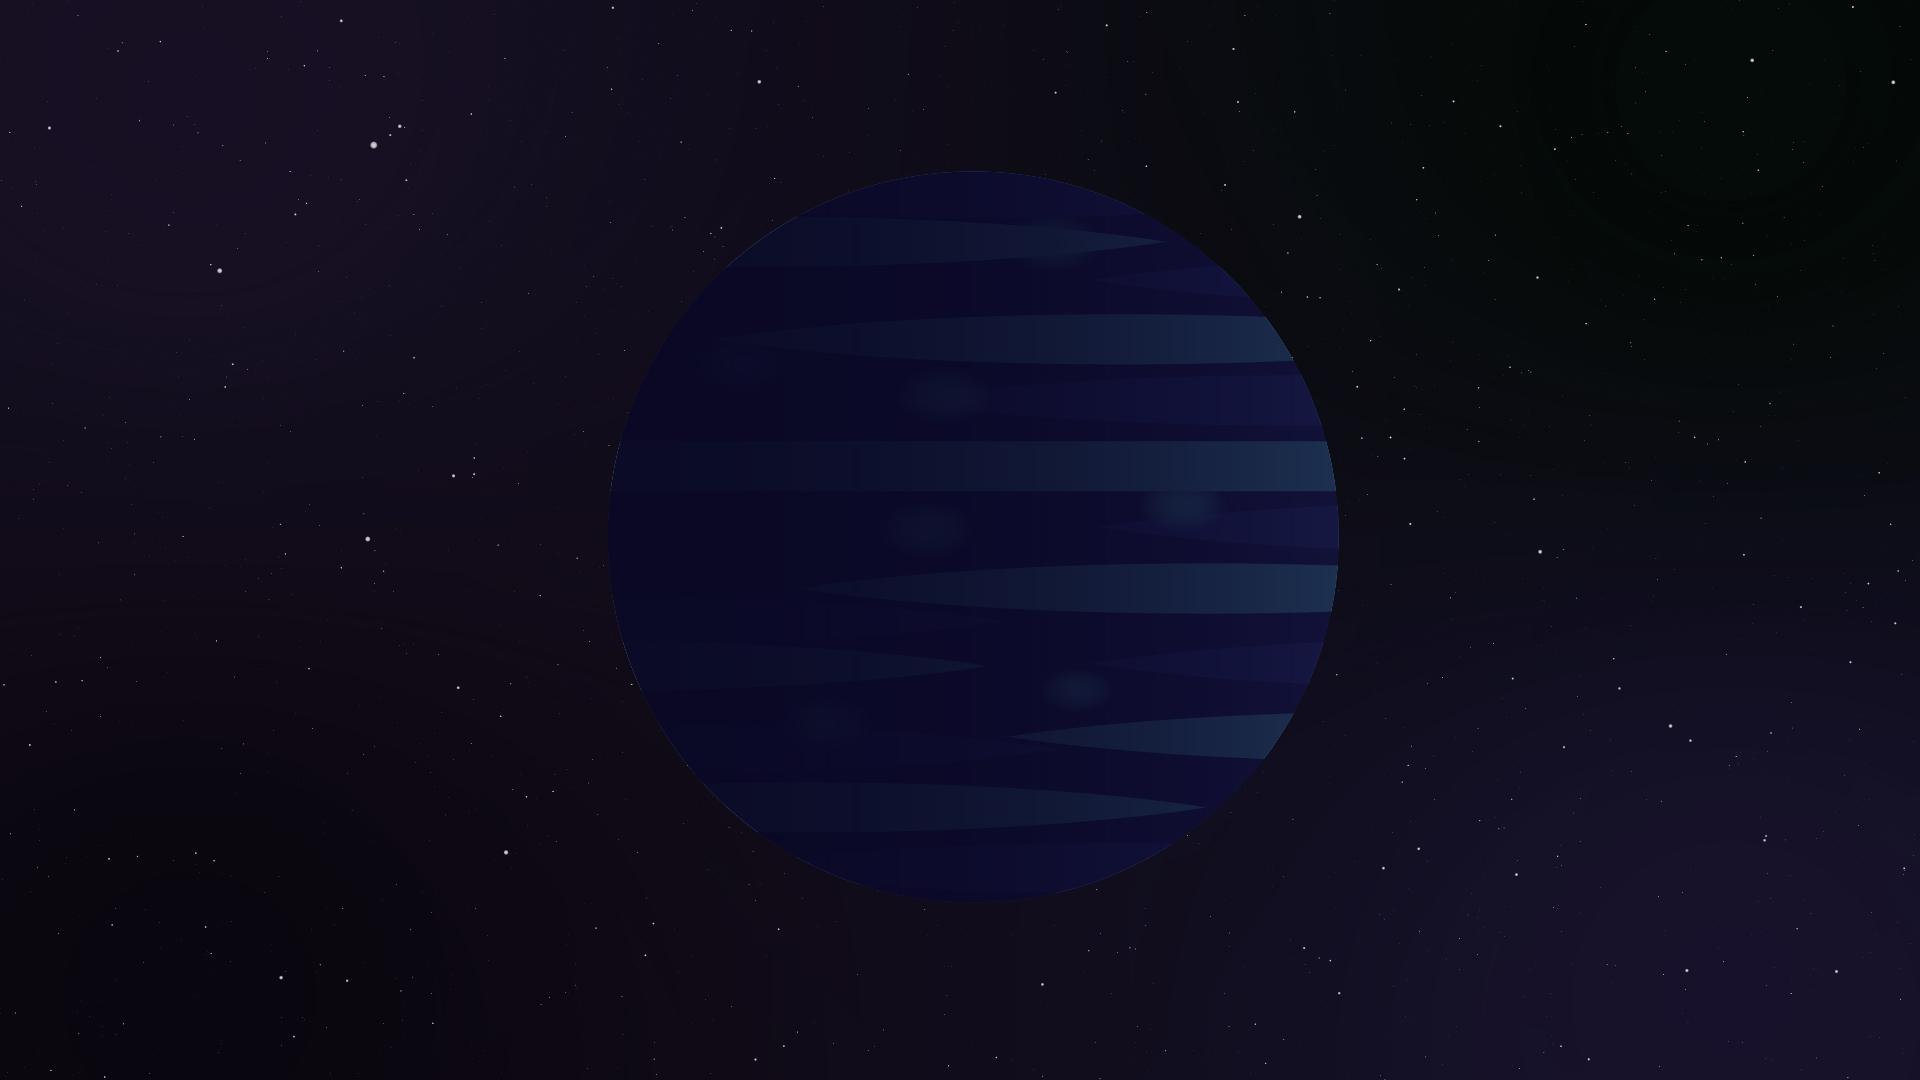 tout savoir sur l'hypothétique neuvième planète « Phattie » en 9 questions